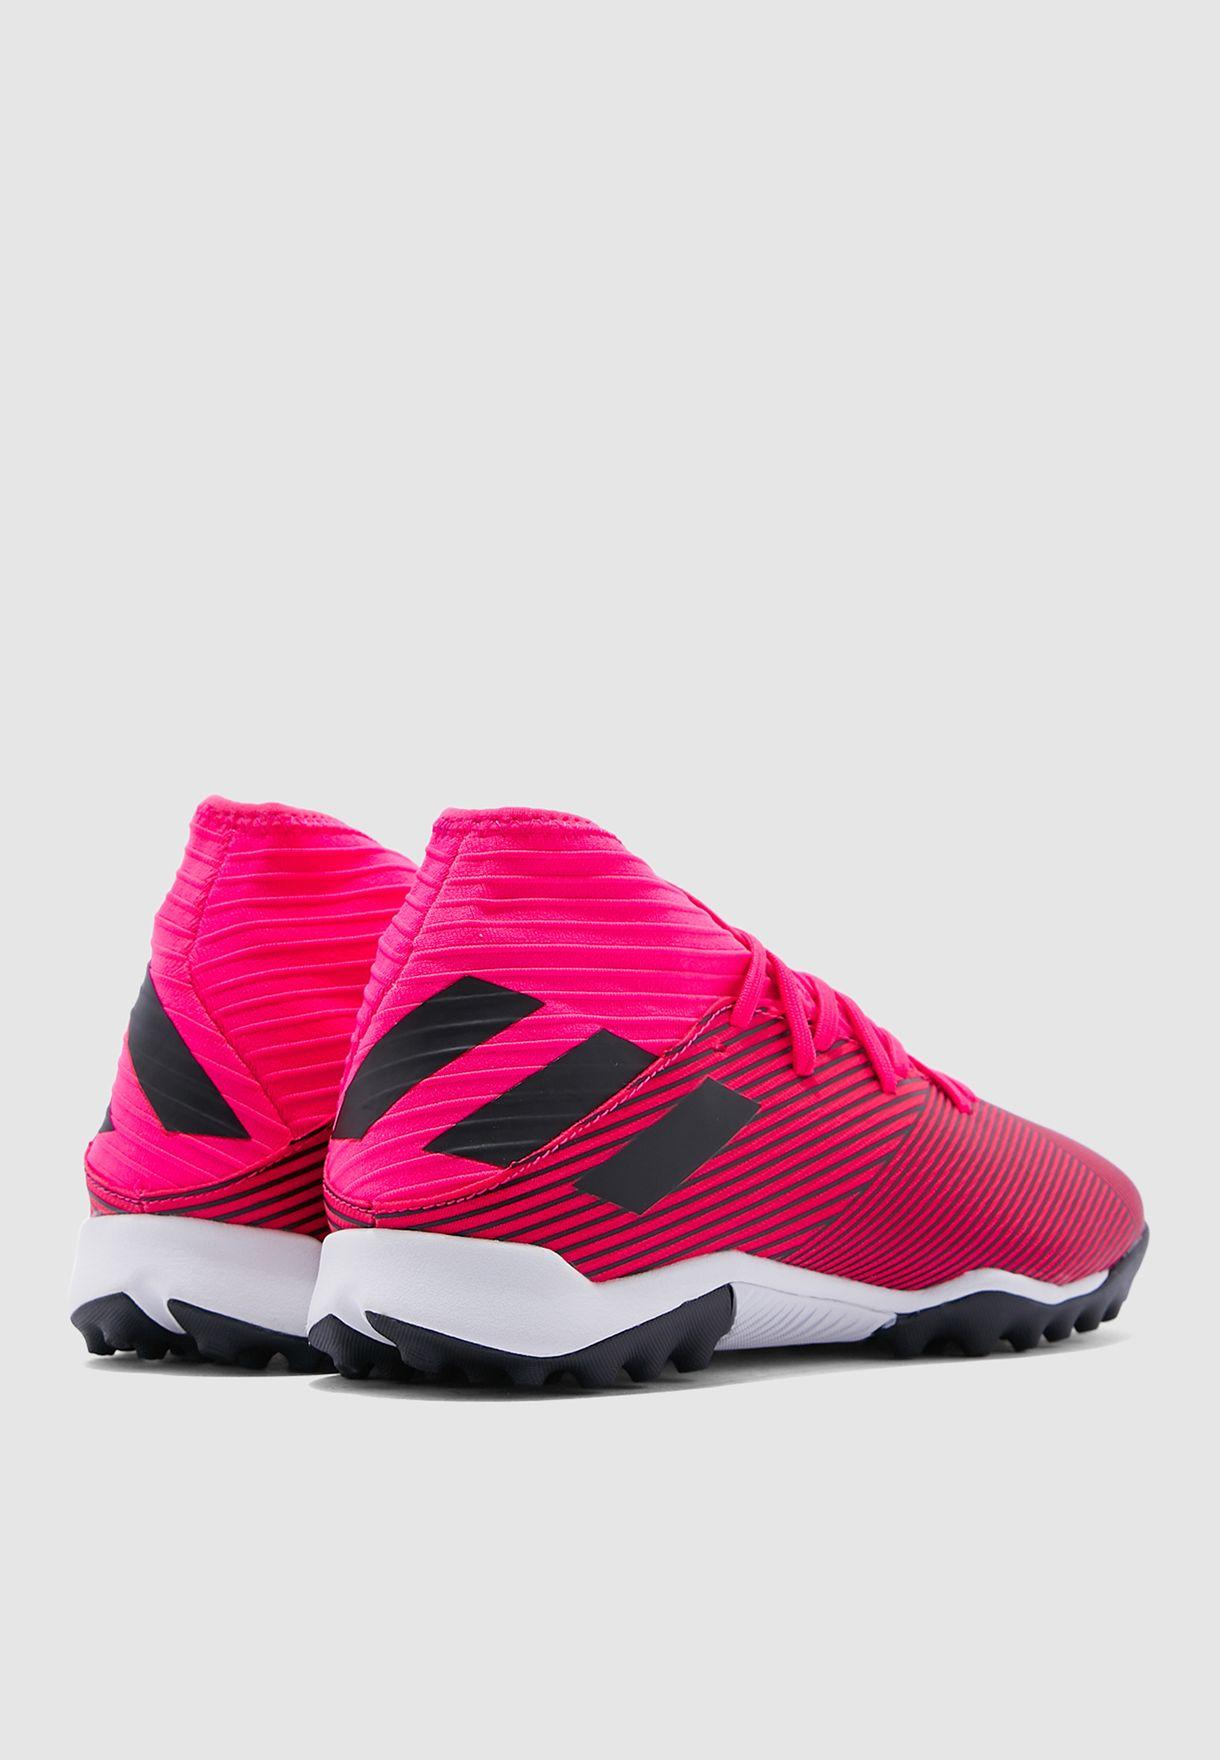 حذاء نميزيز ميسي 19.3 للارض العشبية